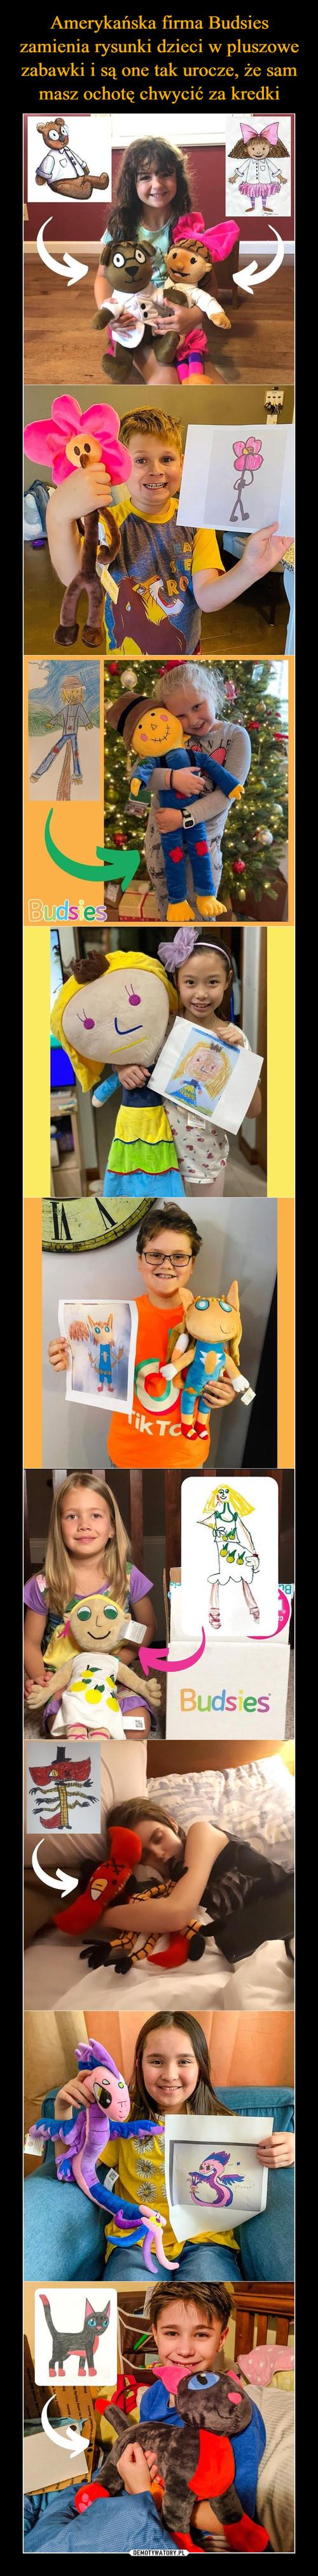 Amerykańska firma Budsies zamienia rysunki dzieci w pluszowe zabawki i są one tak urocze, że sam masz ochotę chwycić za kredki